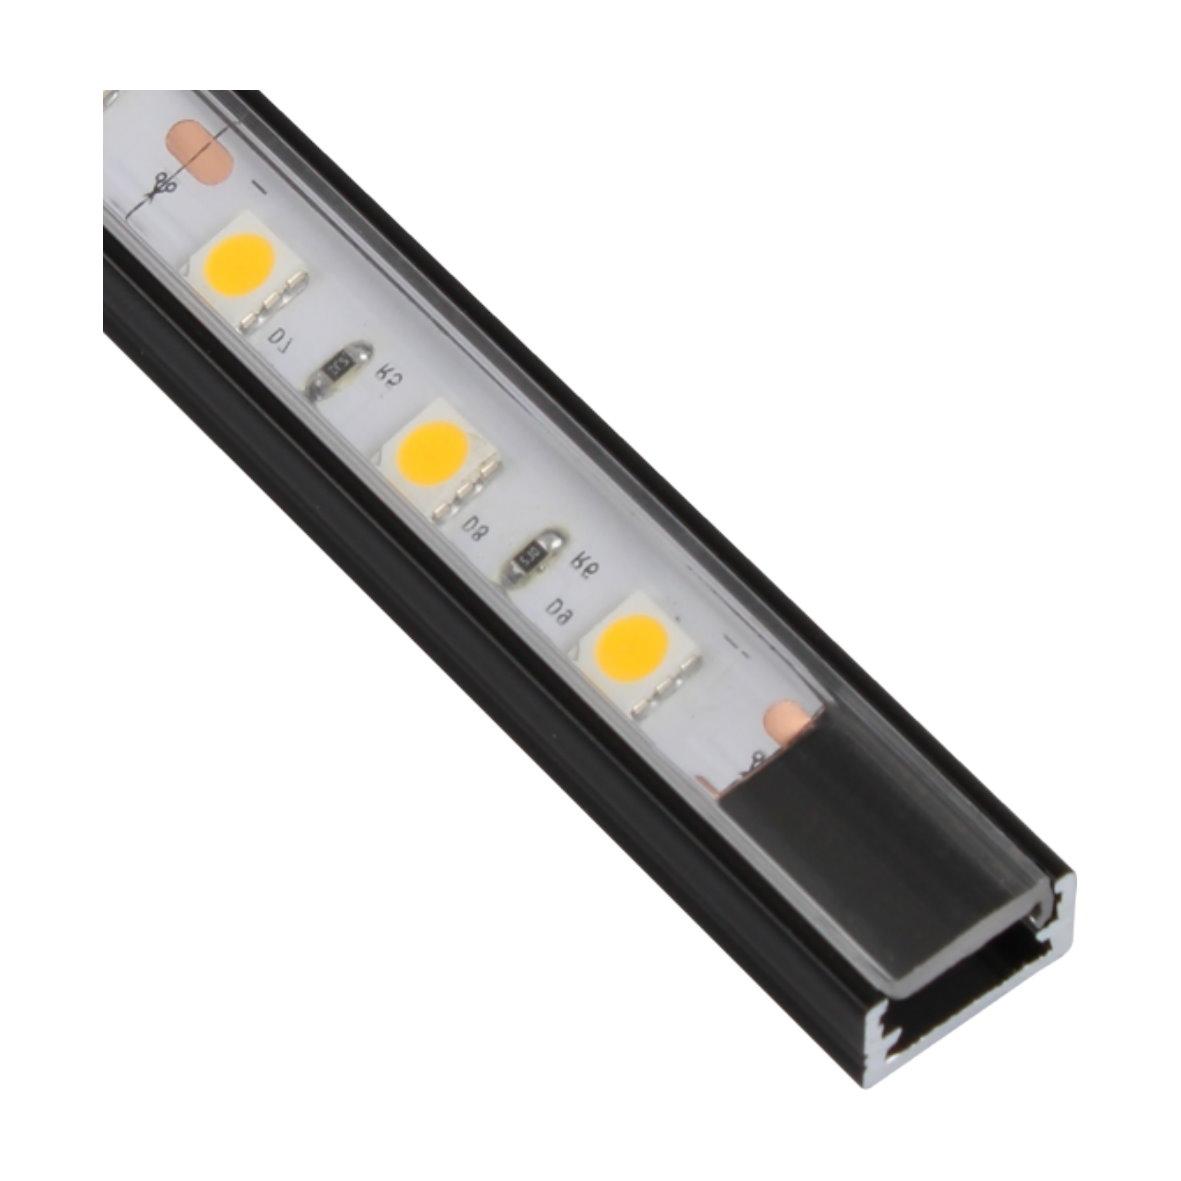 Aluprofil eloxiert Black & White - für LED Lichtband